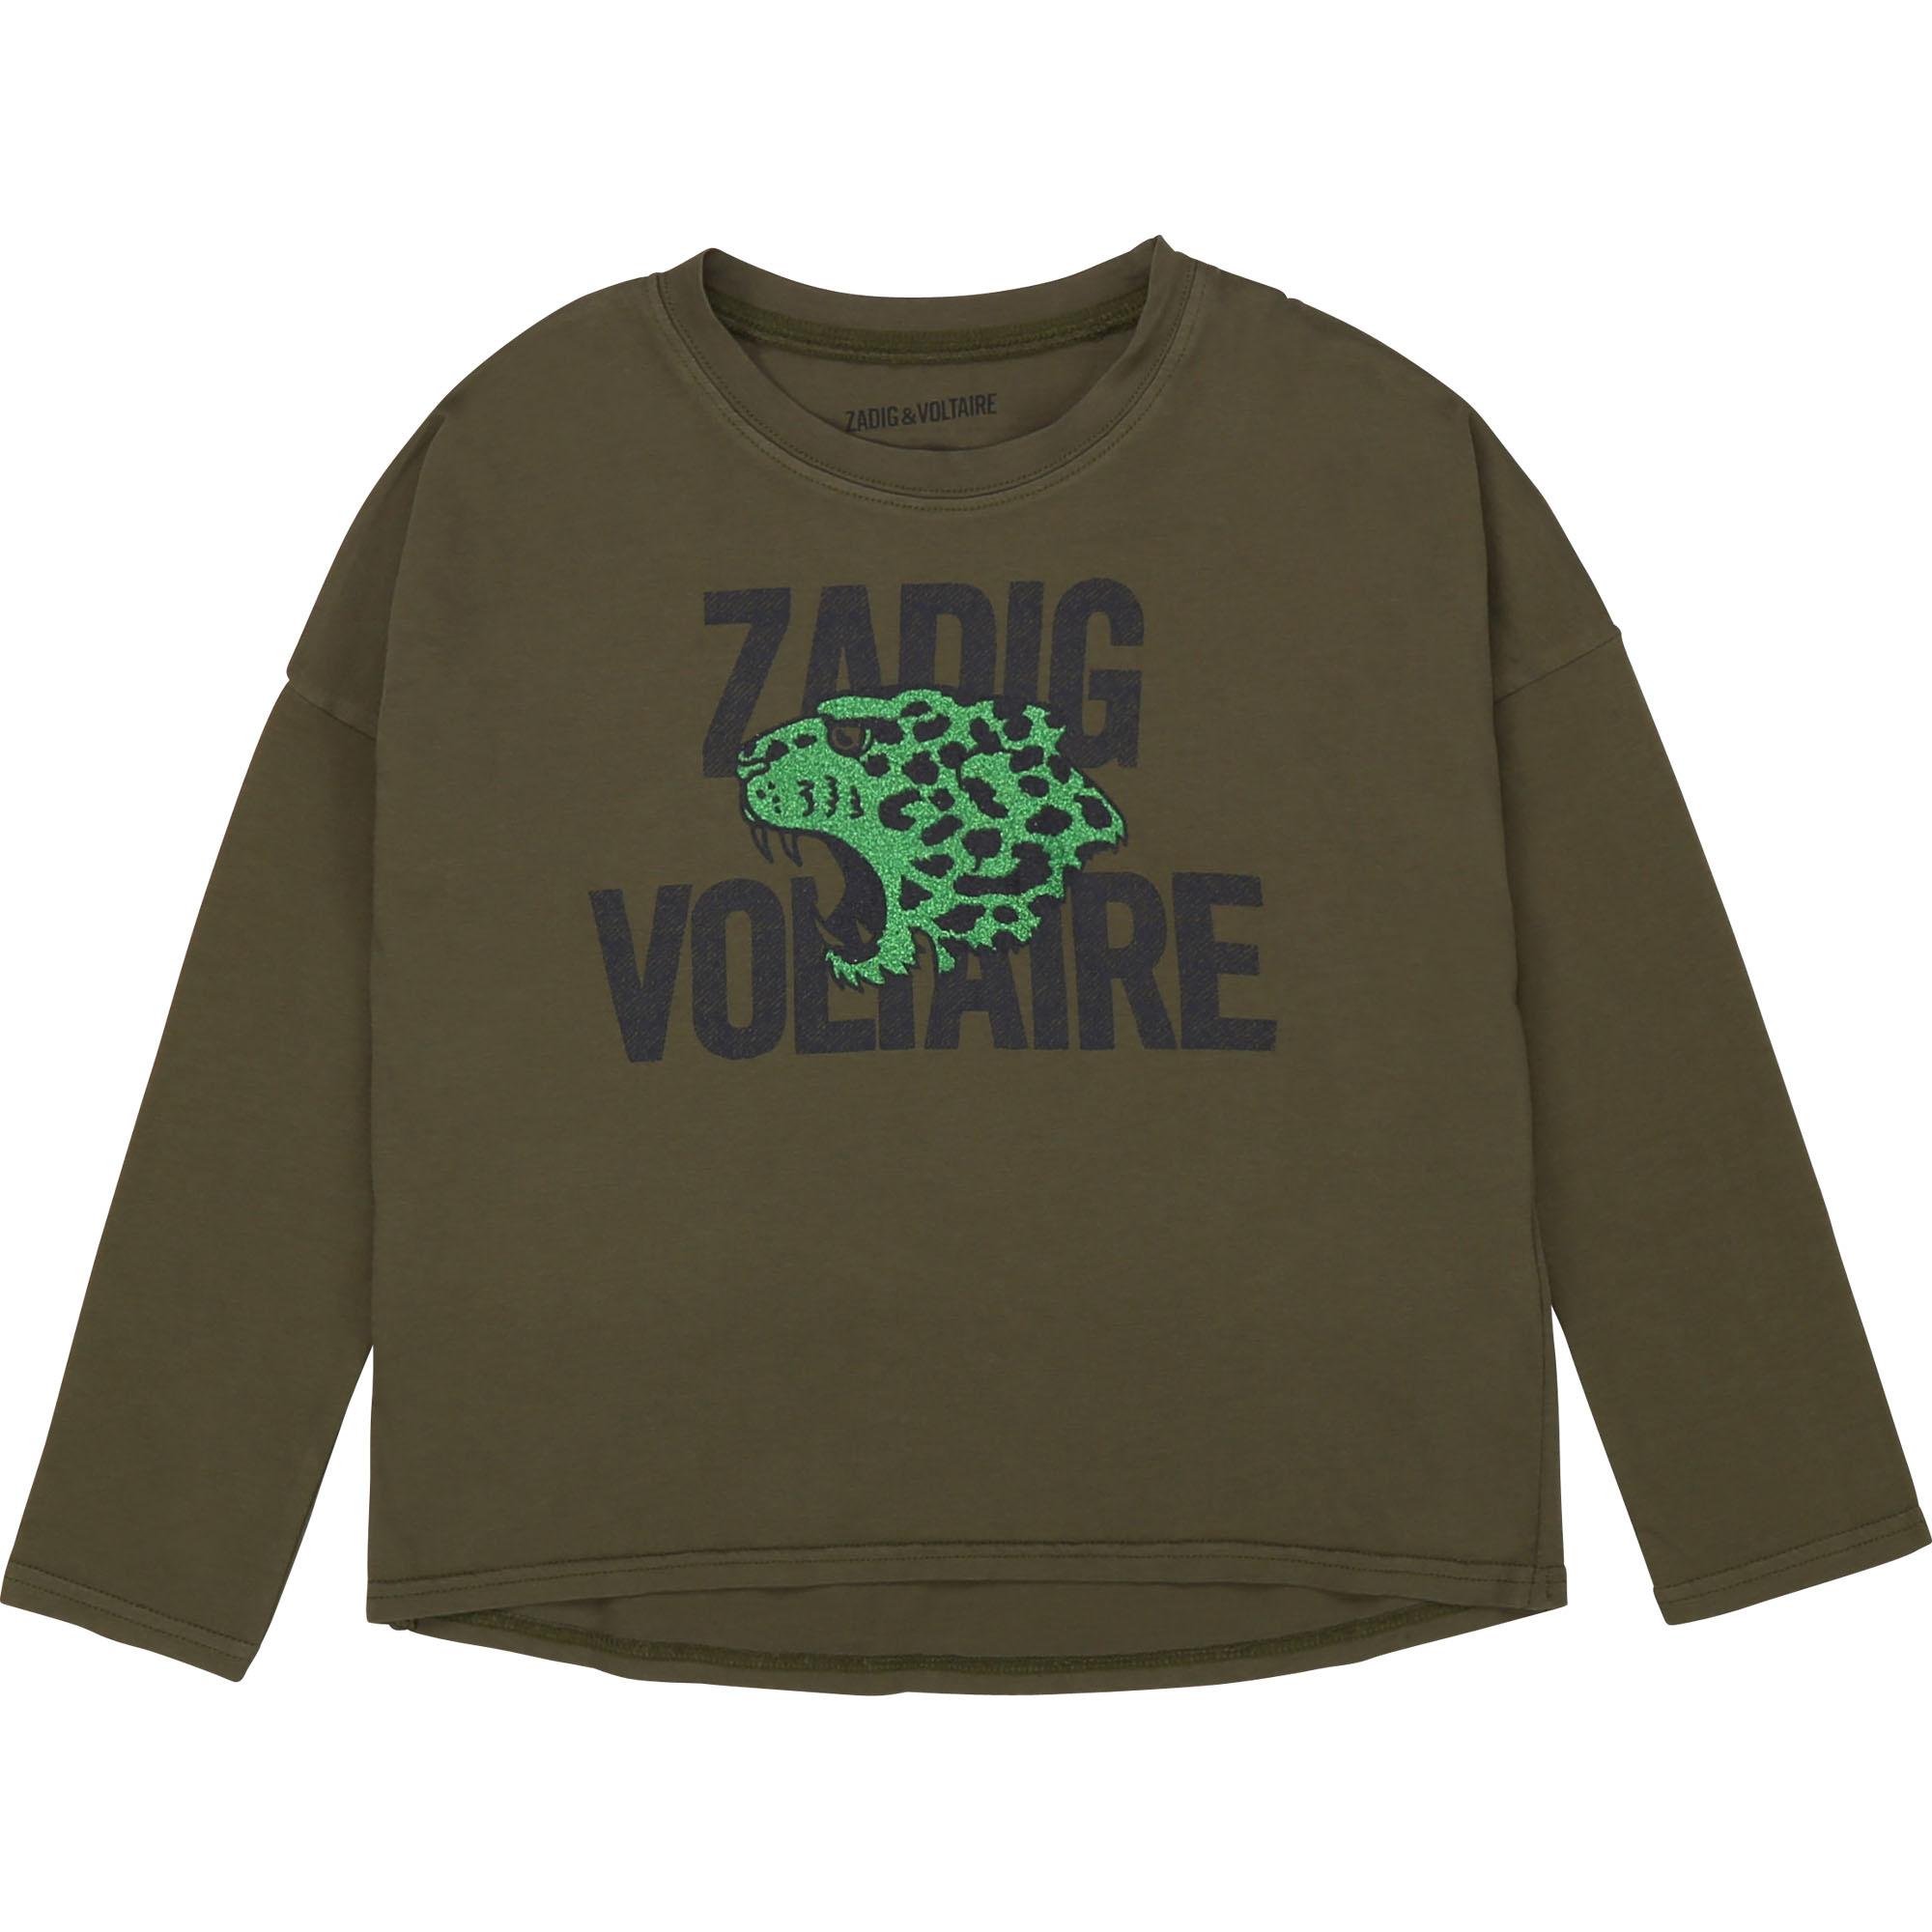 ZADIG&VOLTAIRE t-shirt ample en coton-1